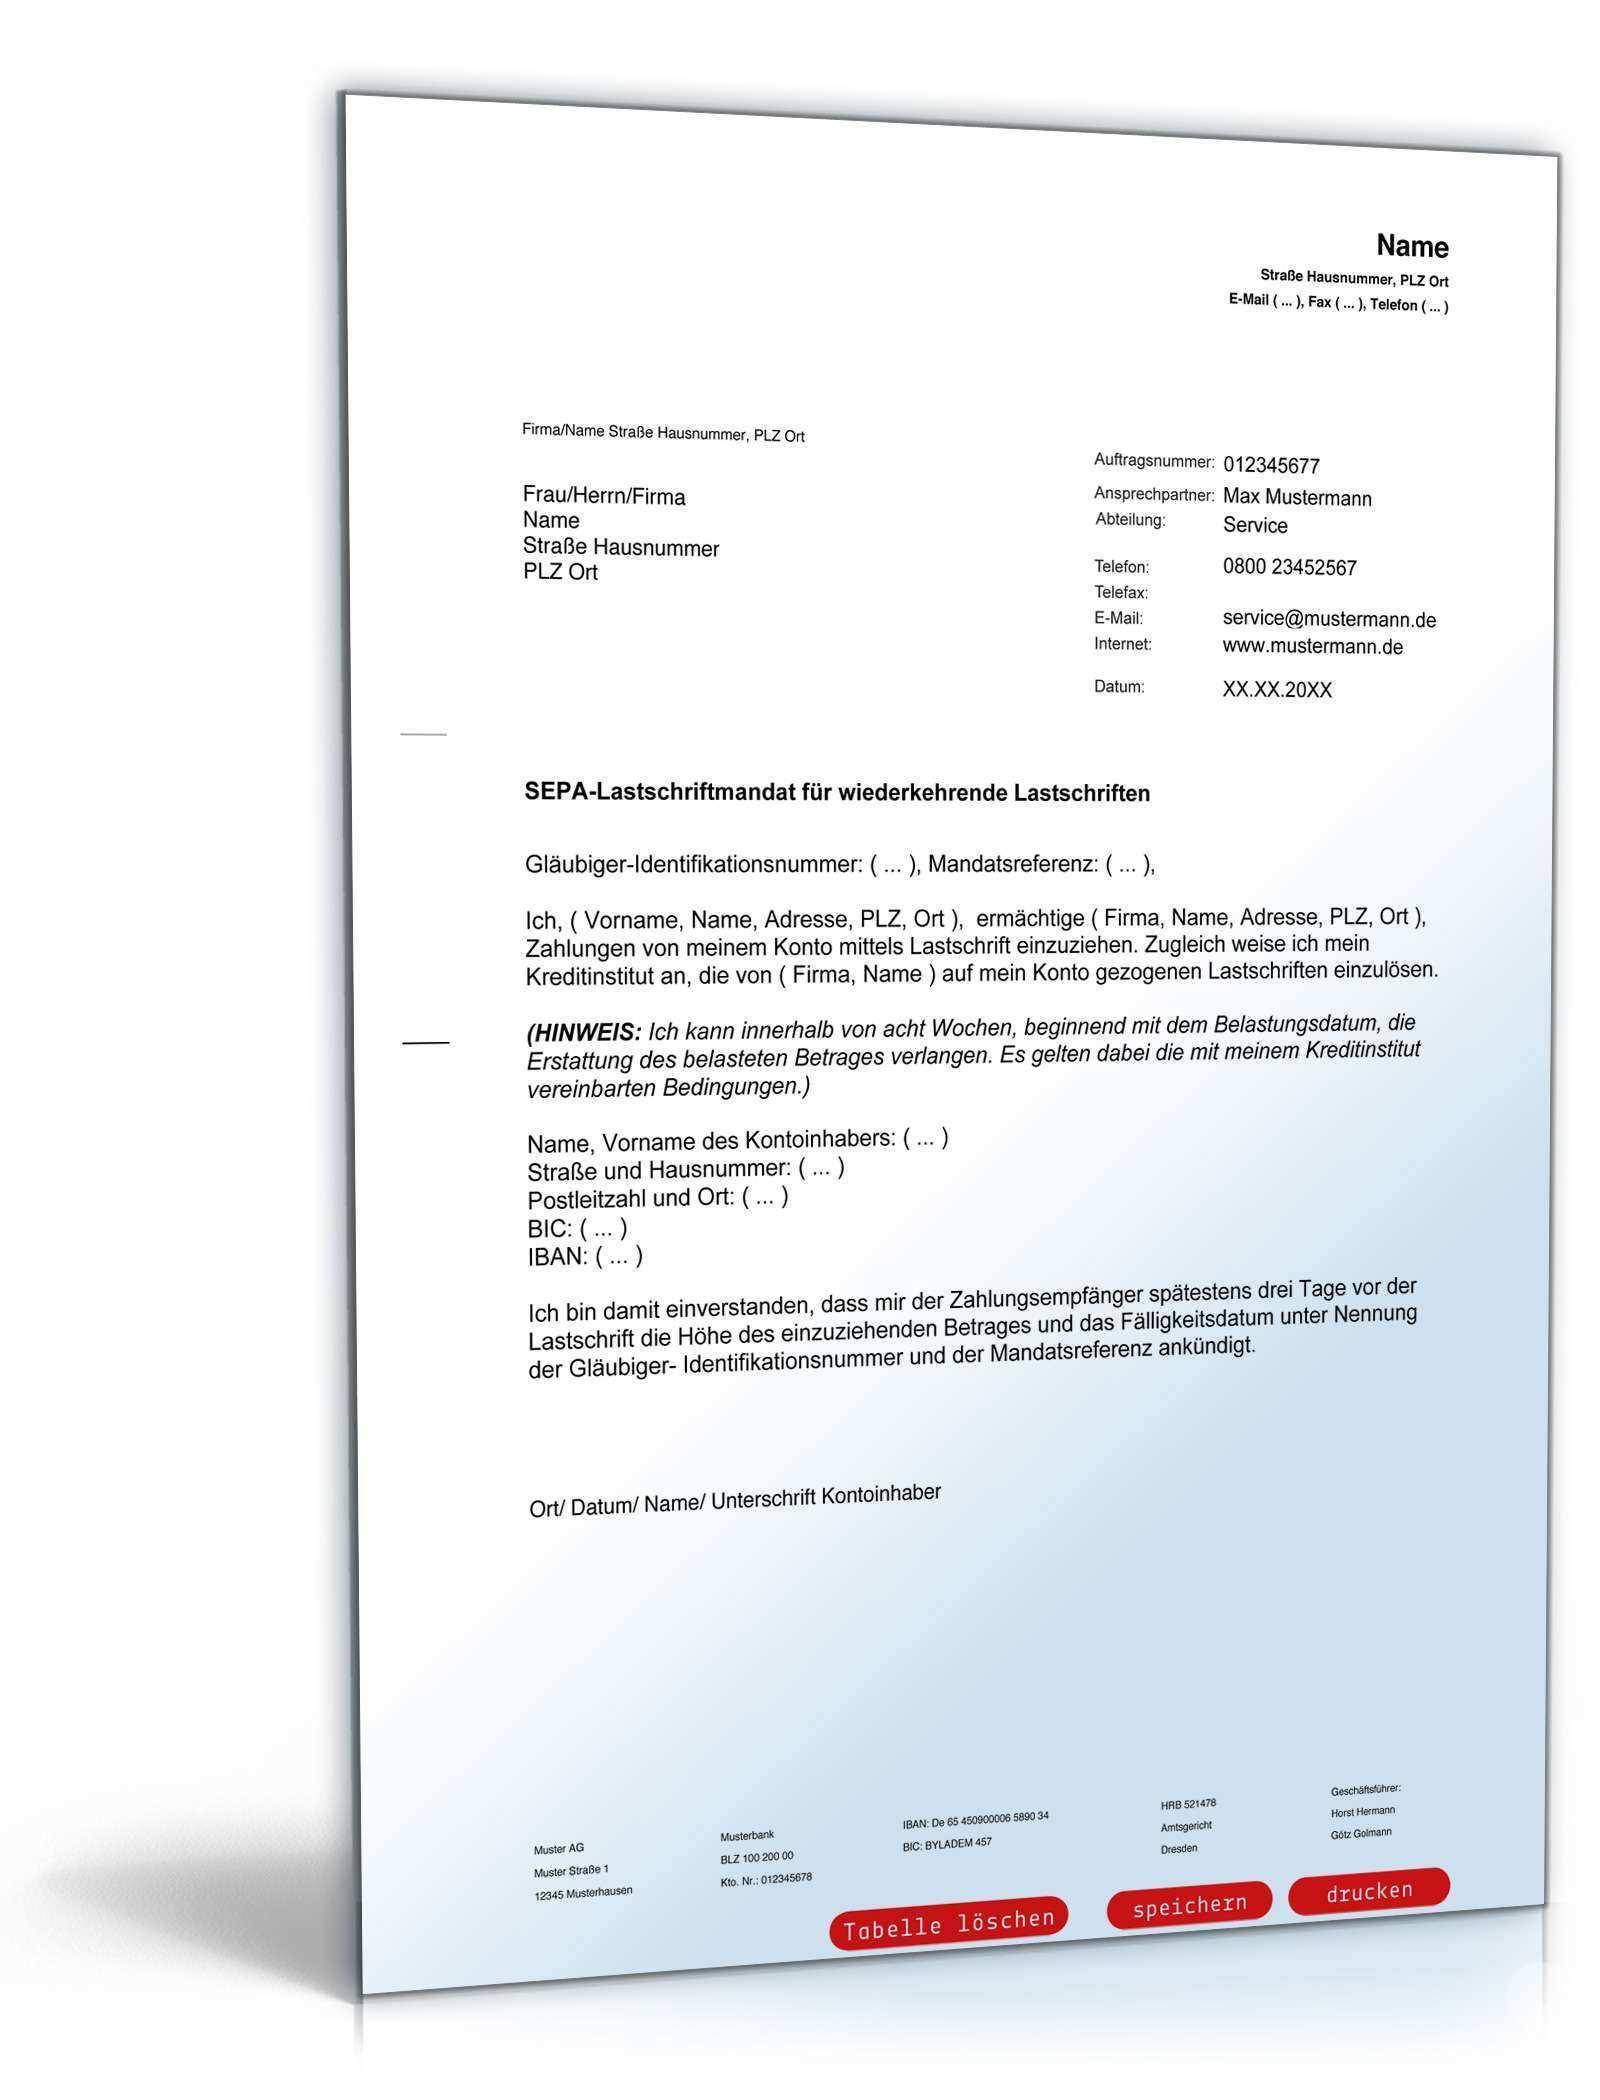 Sepa Lastschriftmandat Muster Vorlage Zum Download